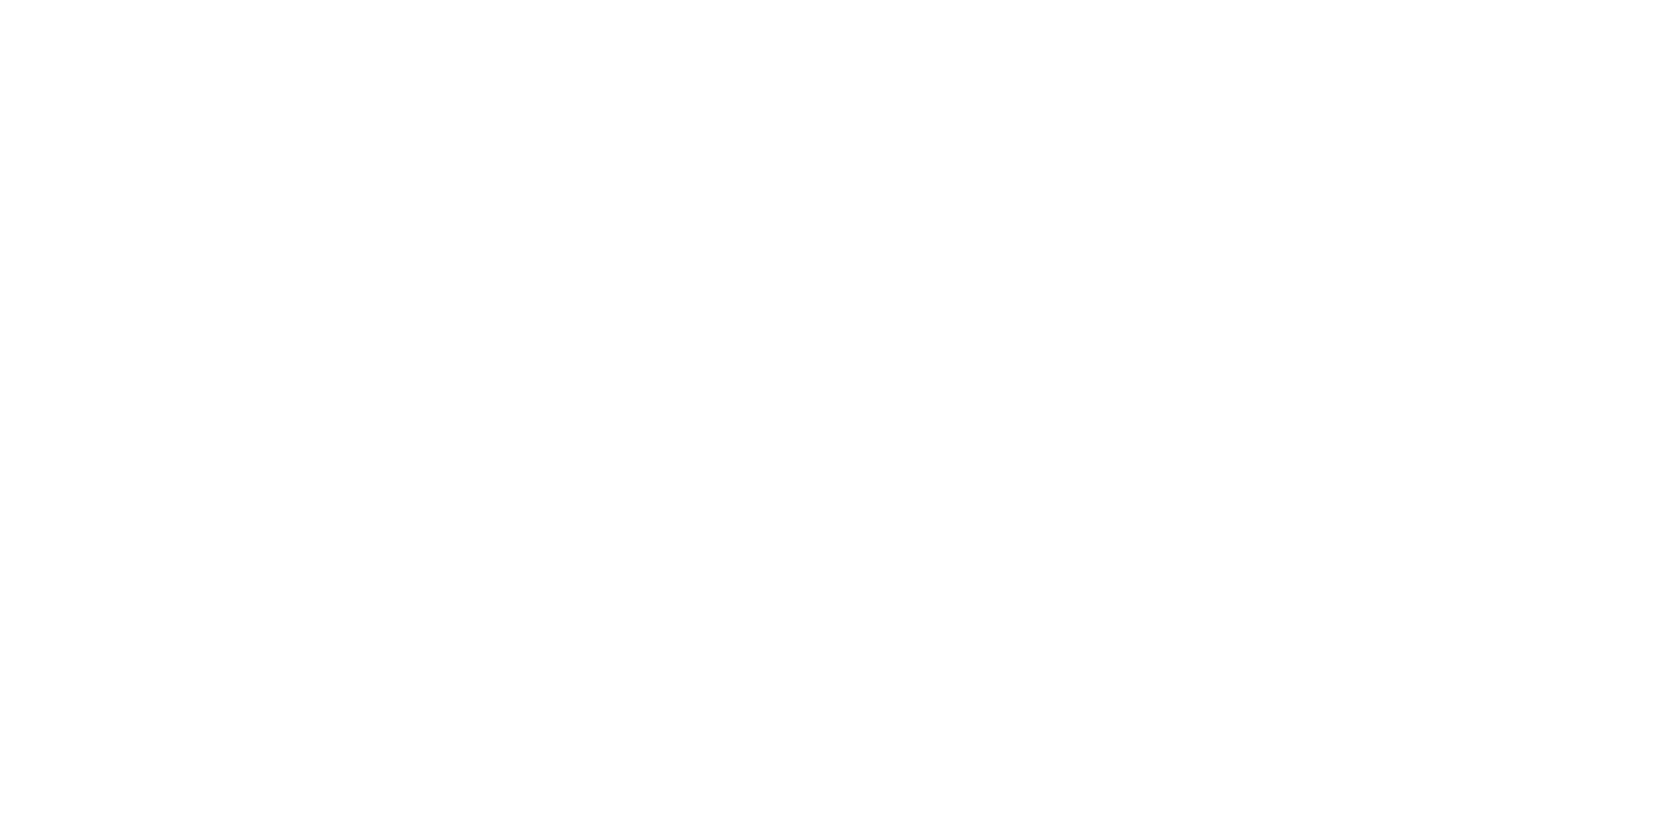 Client_logos_white-06